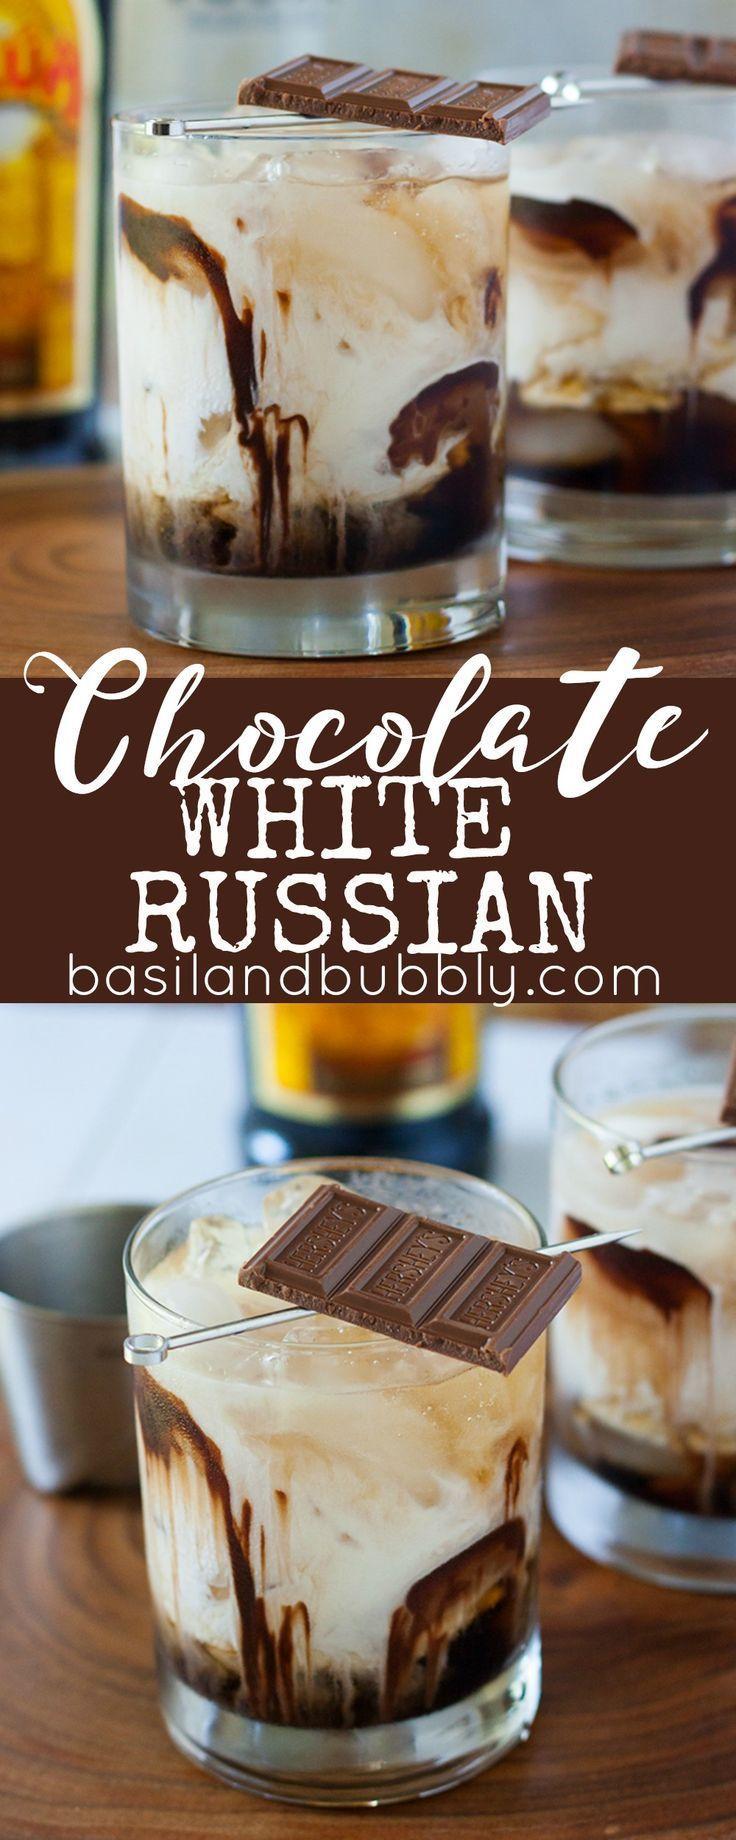 Wedding - Chocolate White Russian